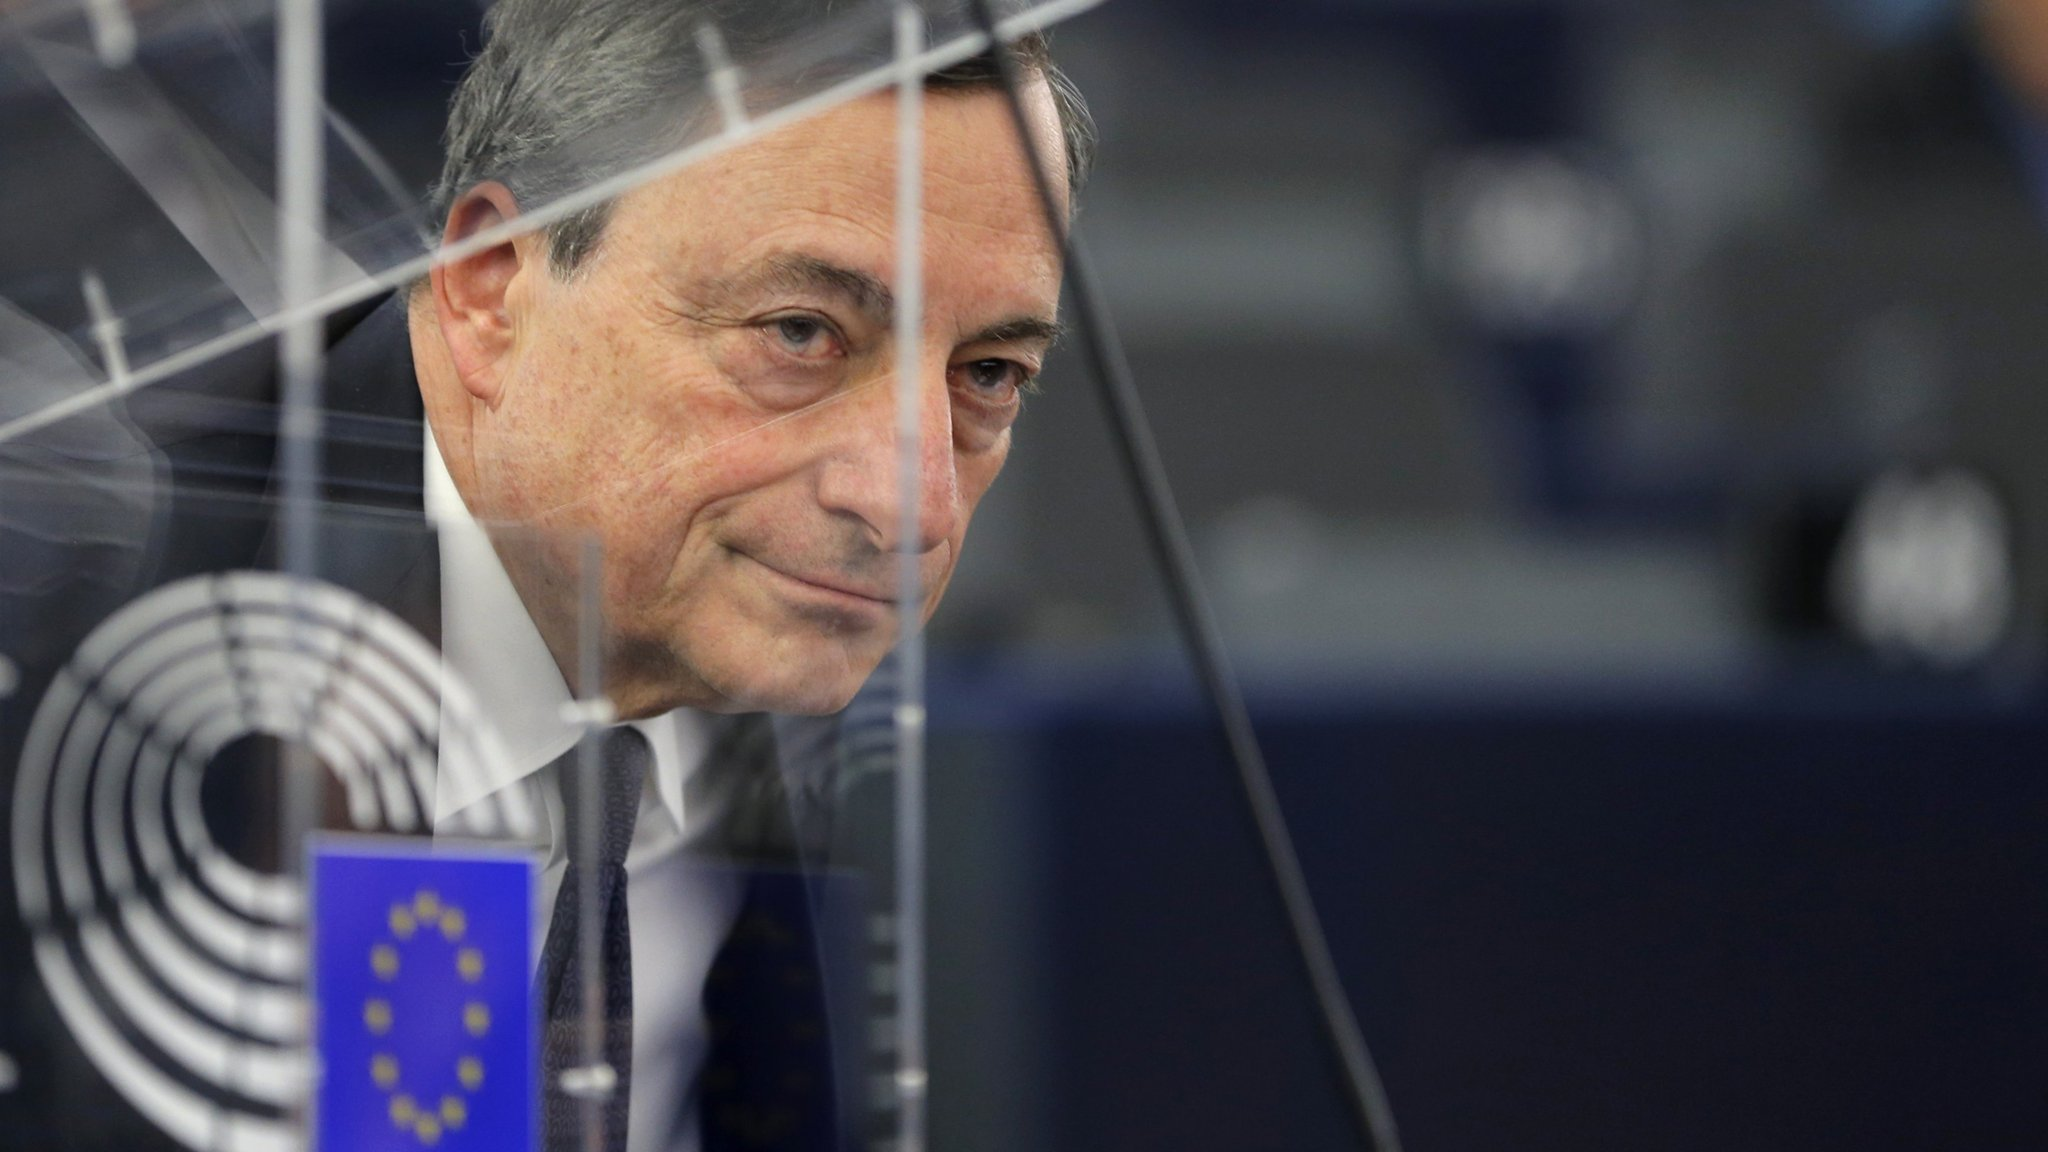 Draghi behind EU symbol